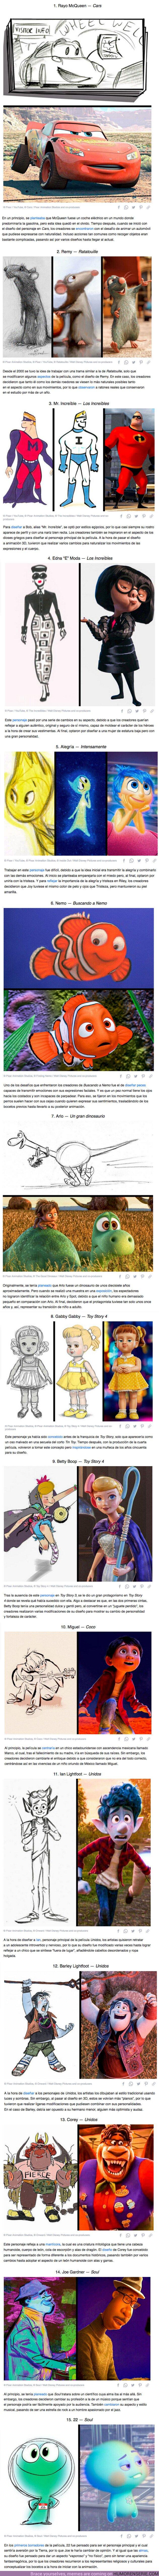 65933 - GALERÍA: Así lucían estos 15 personajes de películas de Pixar en sus bocetos originales